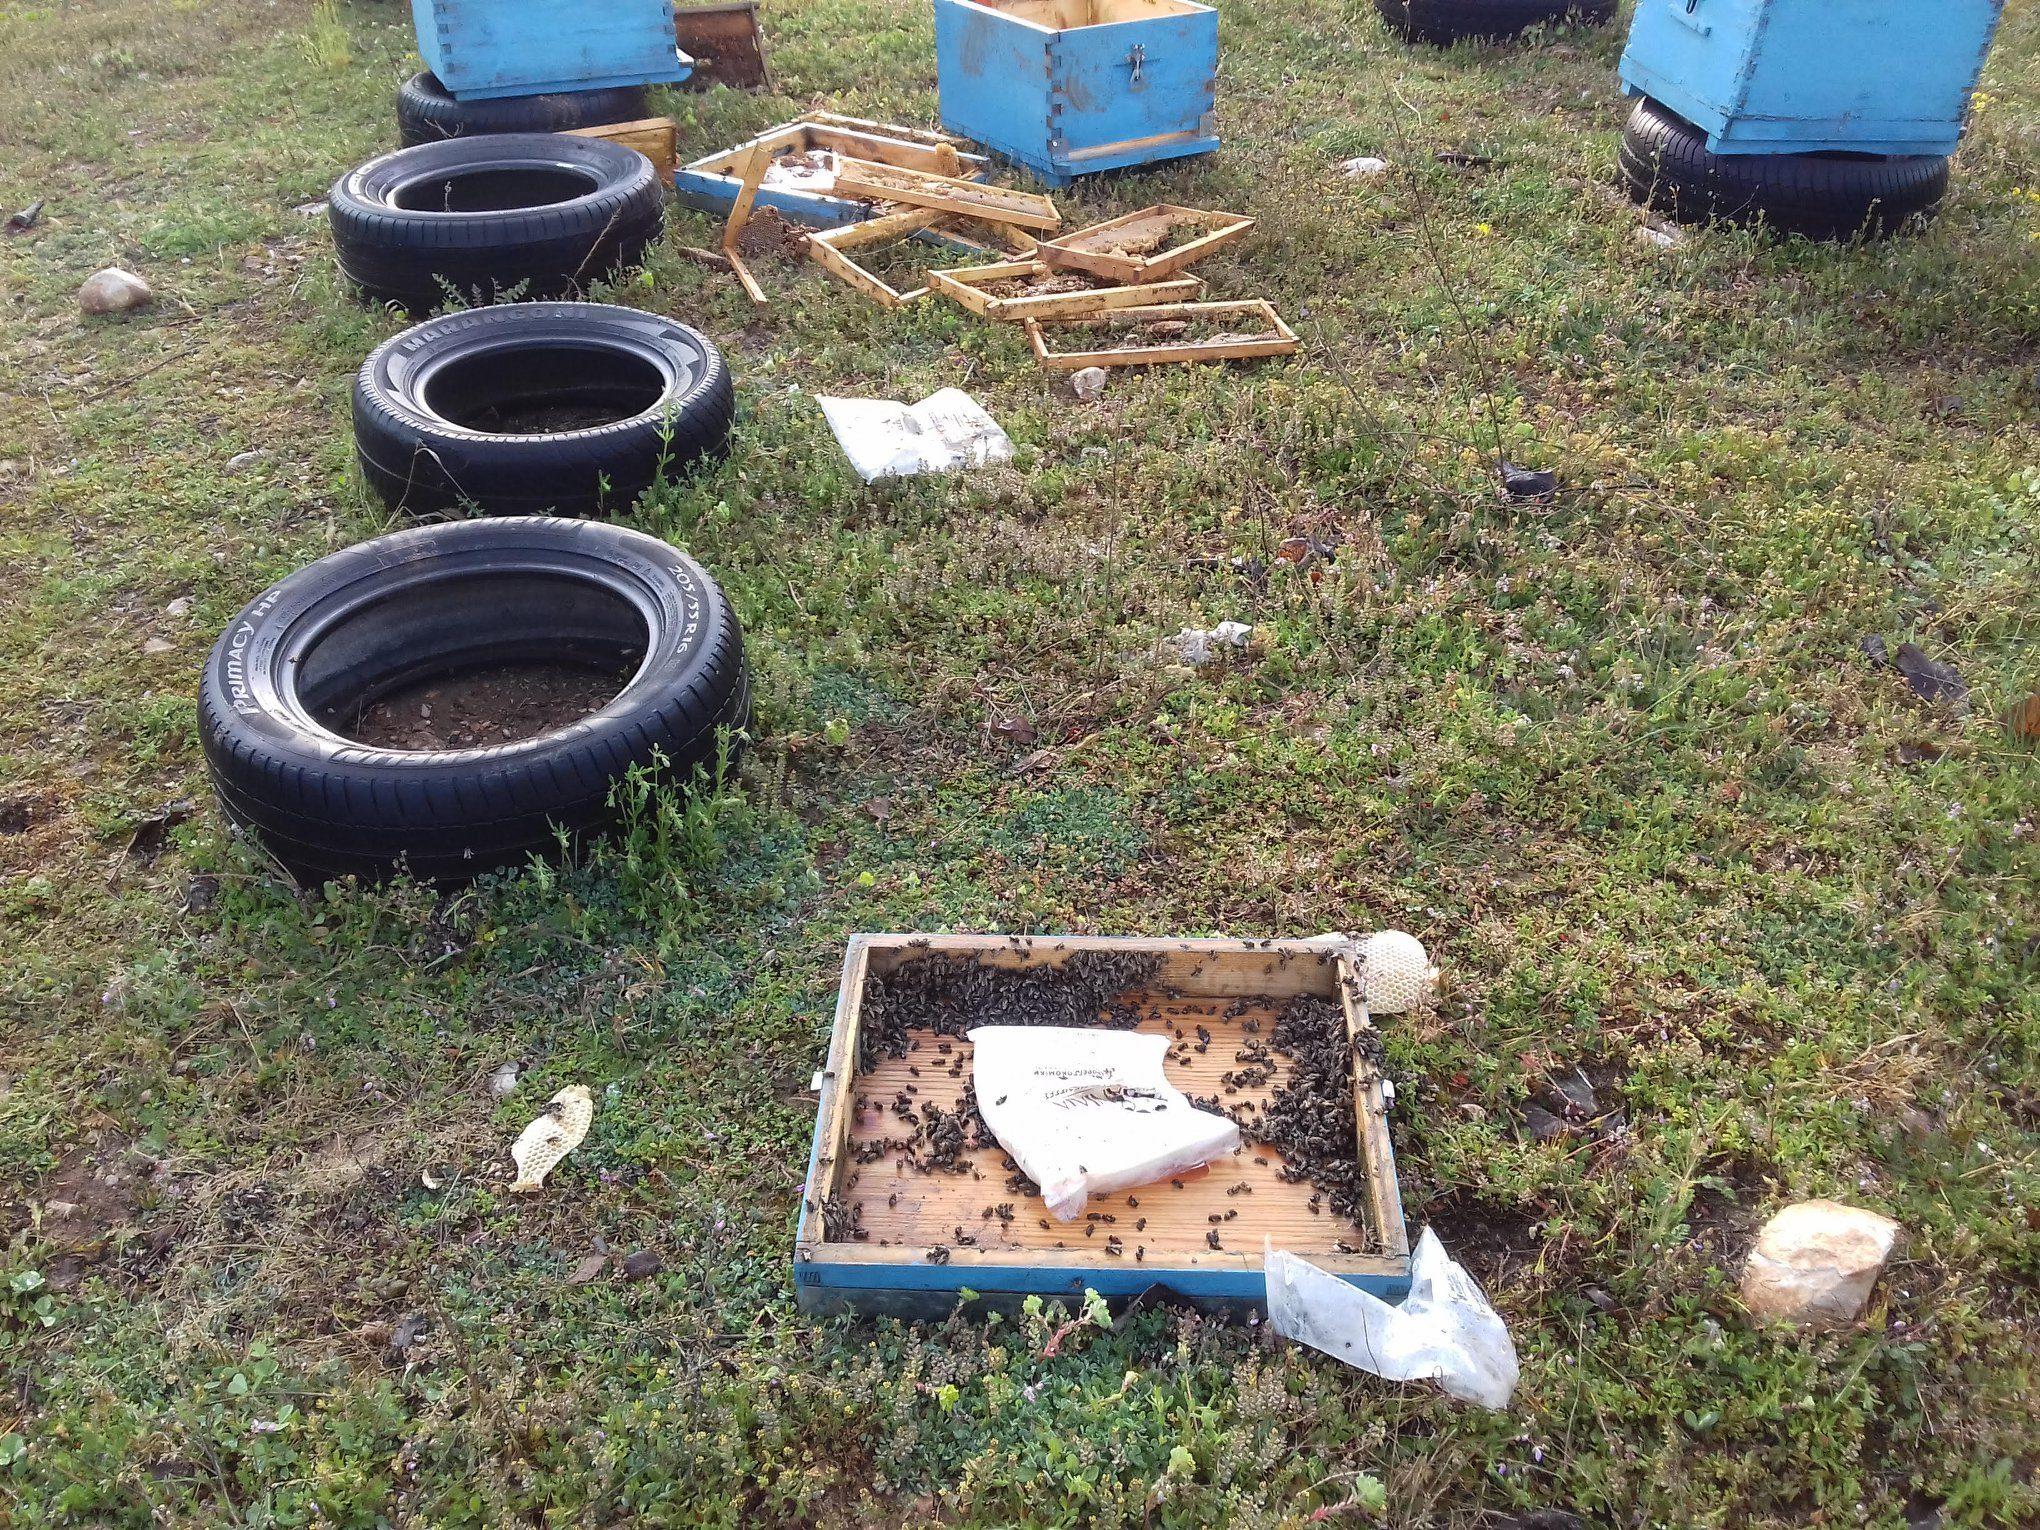 Μελισσοκομικός Σύλλογος Κοζάνης: 3 κρούσματα επίθεσης αρκούδας στην περιοχή του Βερμίου, 2 στα Κομνηνά και 1 στον Άγιο Χριστόφορο